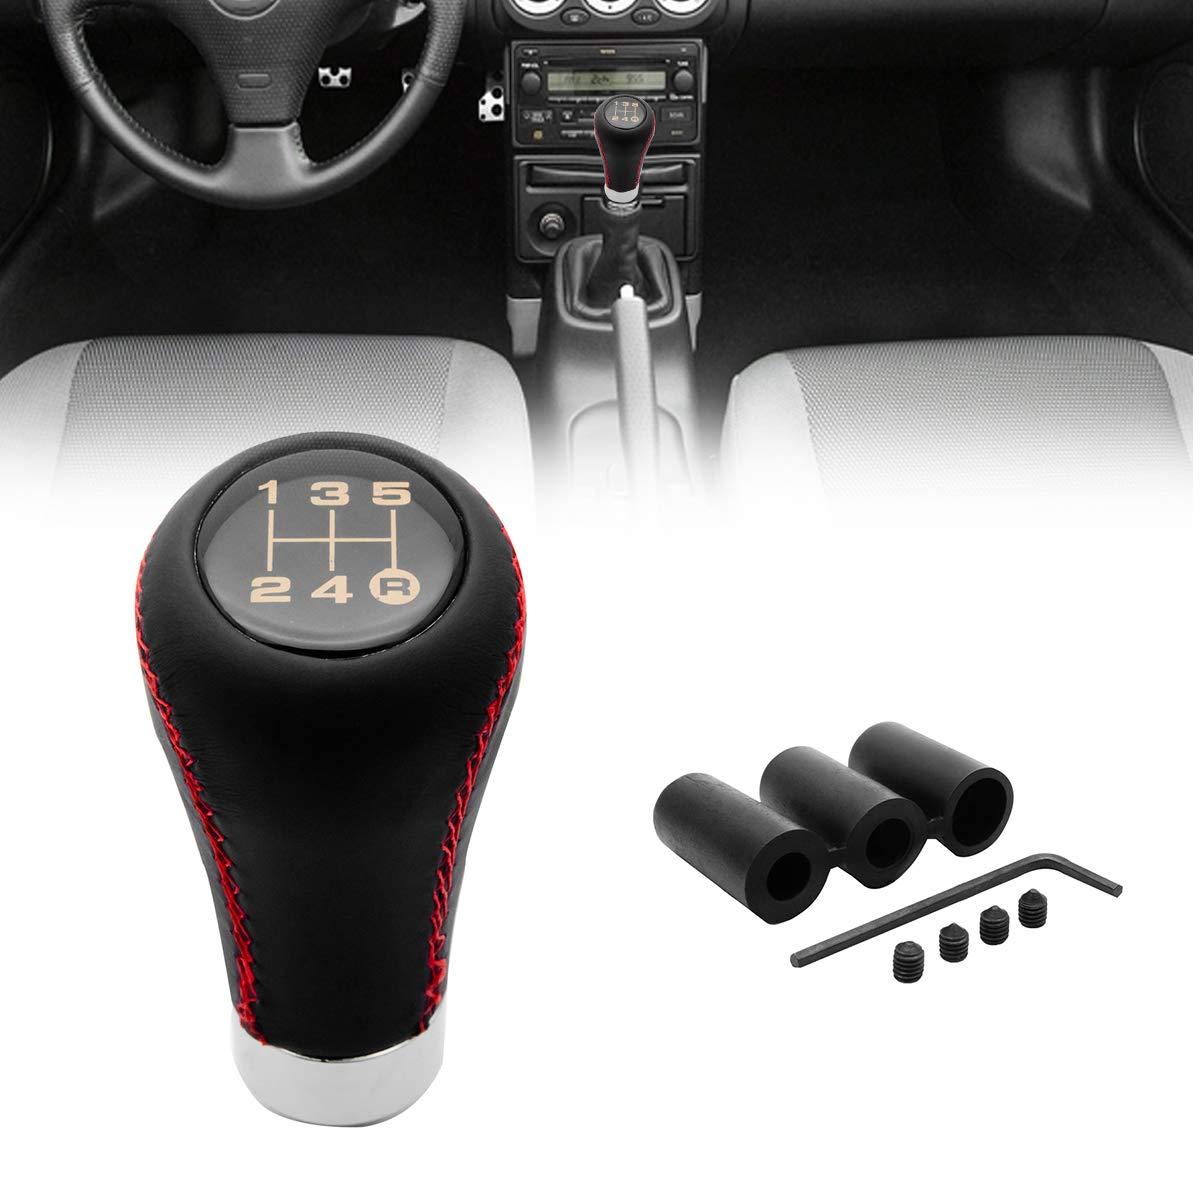 MASO Car 6 Speed Gear Shift Knob Carbon Fiber for BMW M sport E36 E46 E90 E91 E92 E93 E61